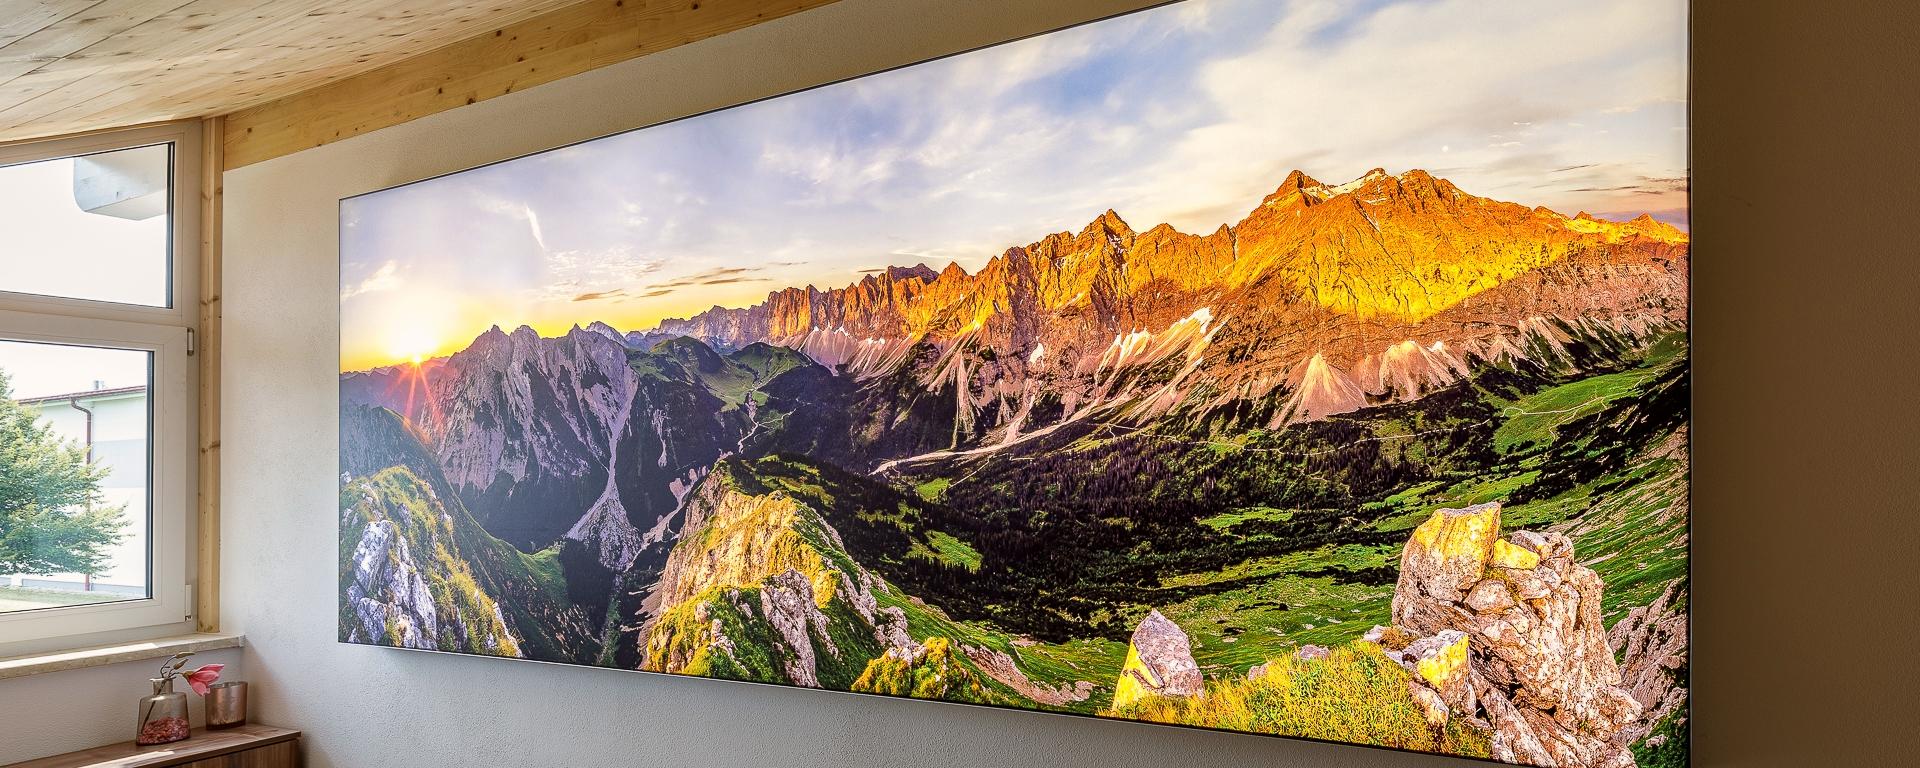 Hinterleuchtetes Wandbild vom Karwendelhauptkamm - Leuchtkasten mit dimmbaren LED